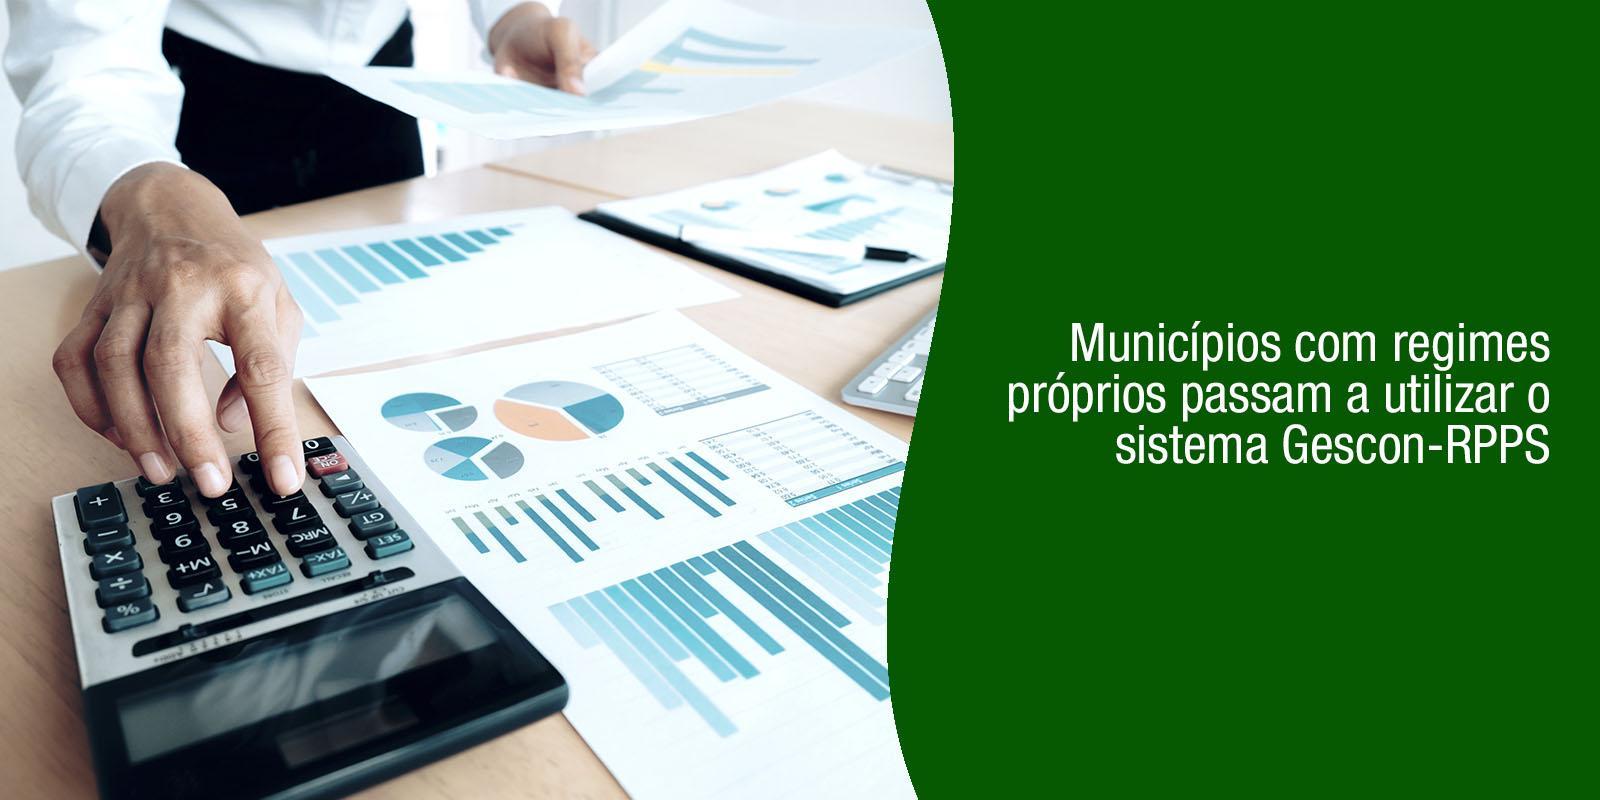 CNM informa: Municípios com regimes próprios passam a utilizar o sistema Gescon-RPPS